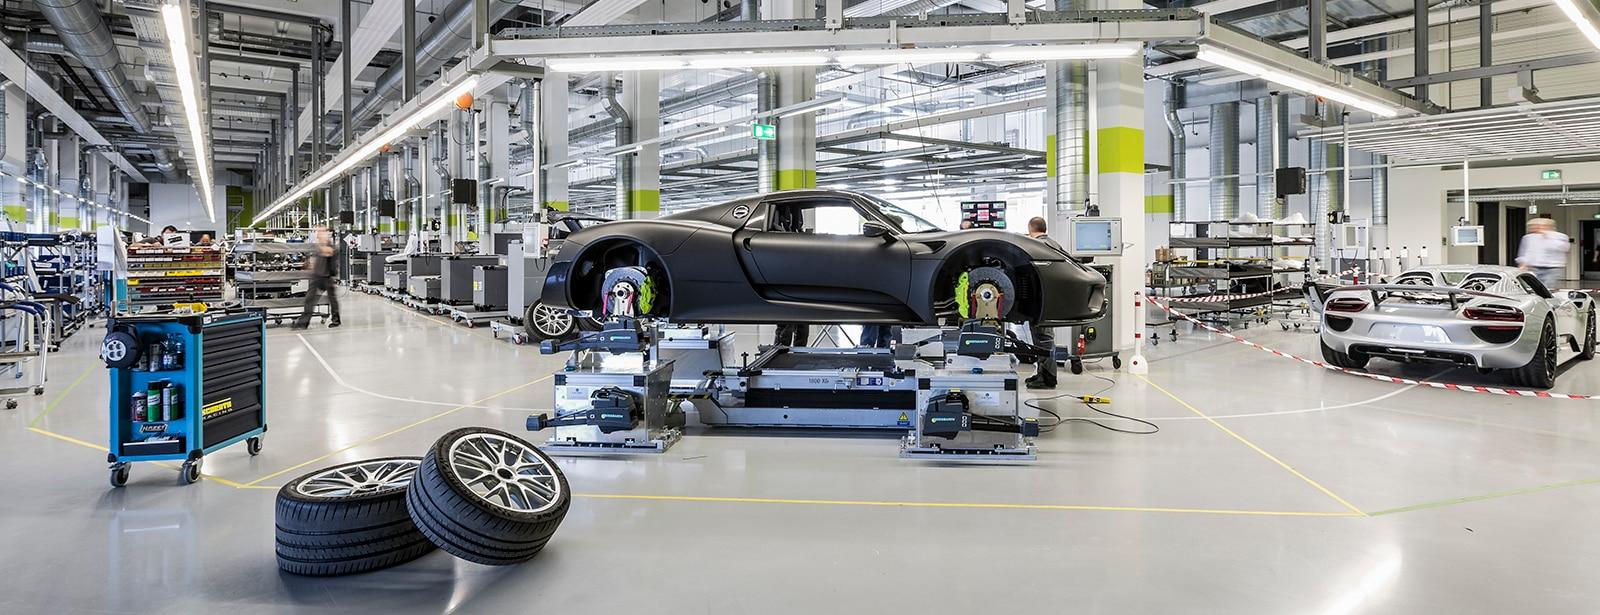 Kolaborasi Tersukses Dalam Dunia Otomotif